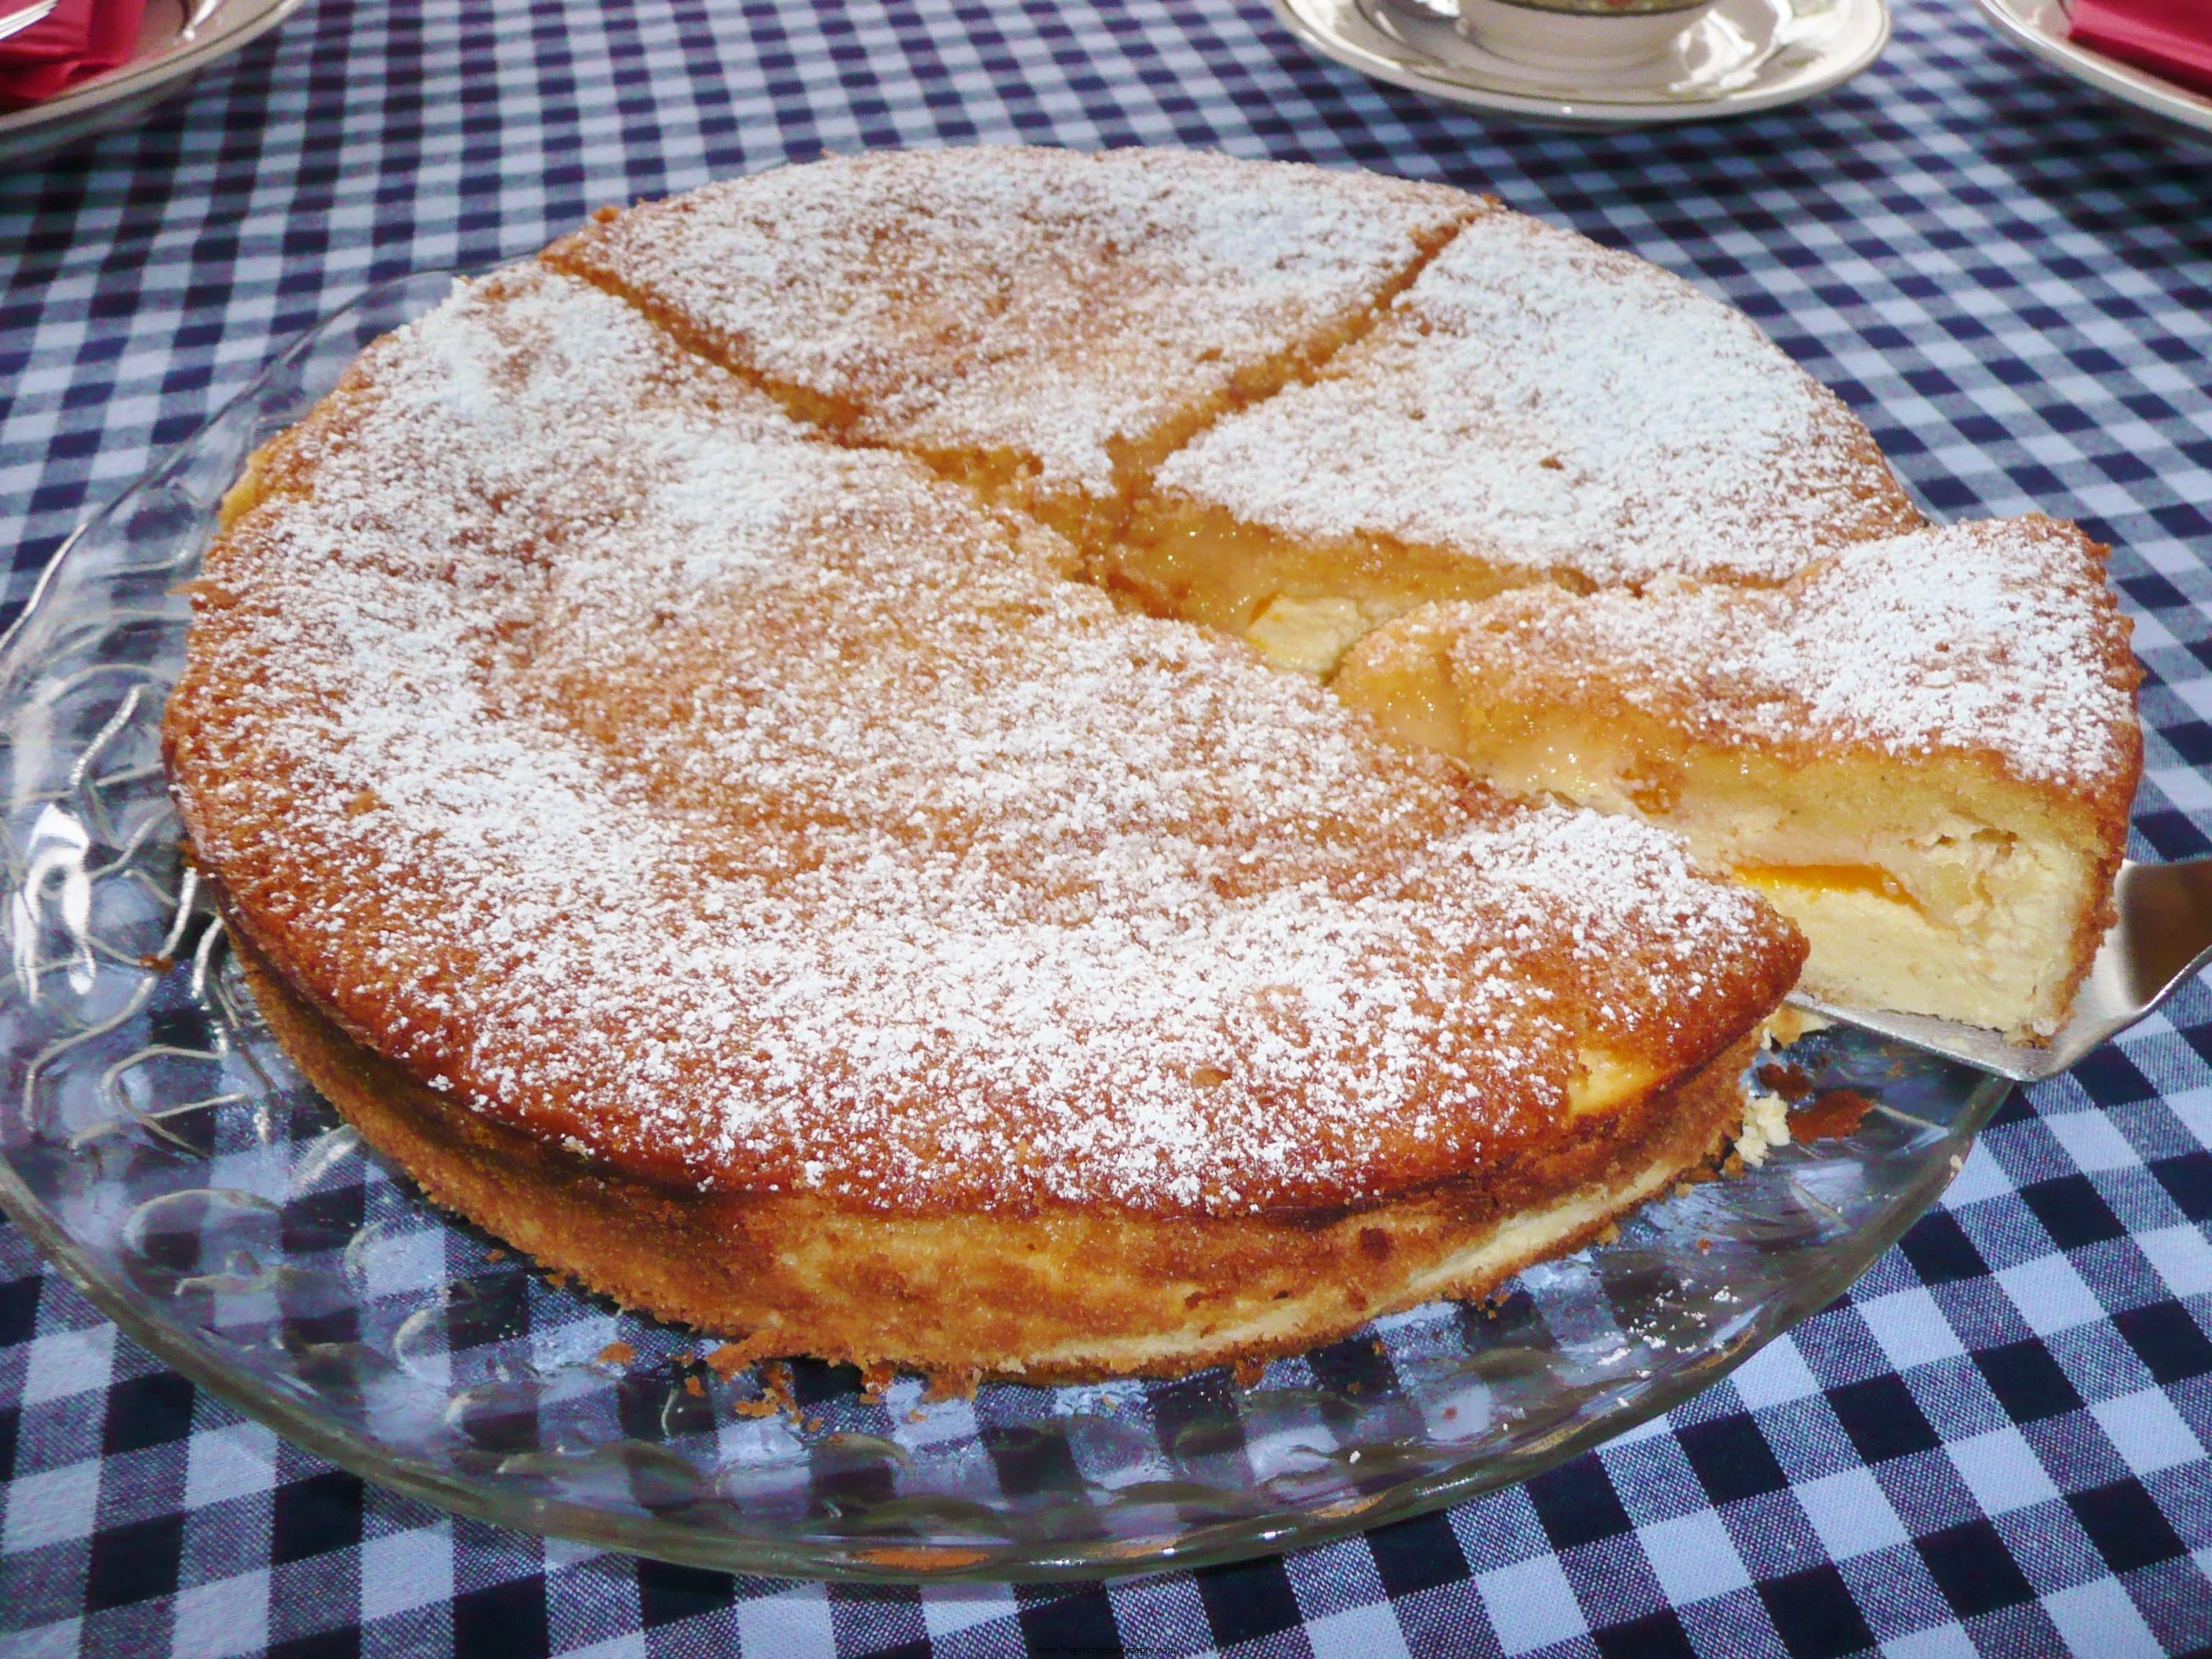 Kuchen 100g butter